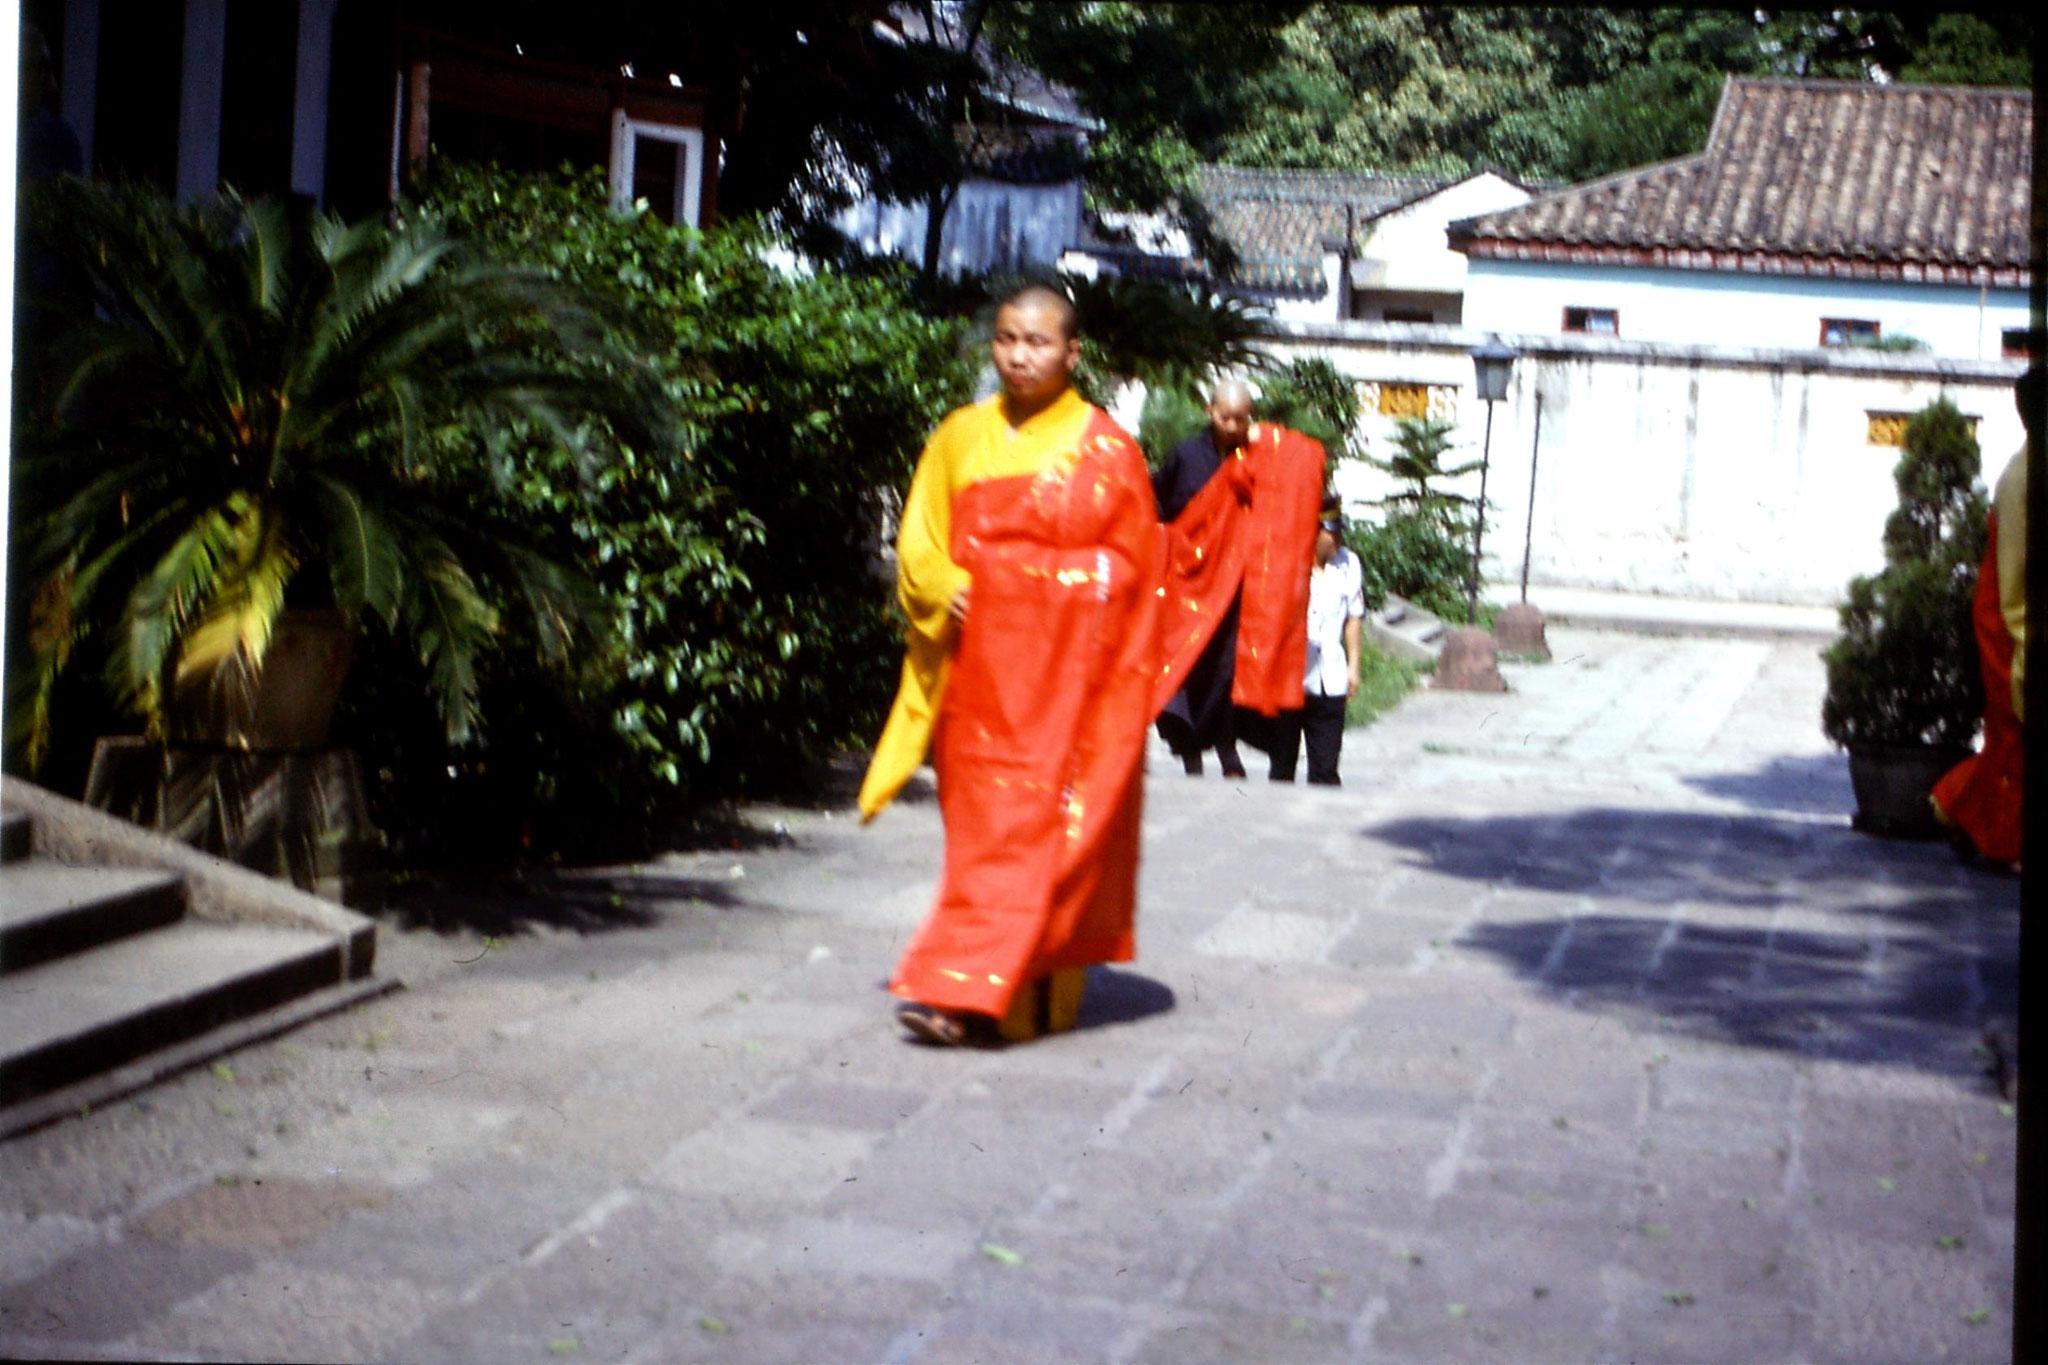 18/5/1989: 36: Guangzhou Six Banyan Temple